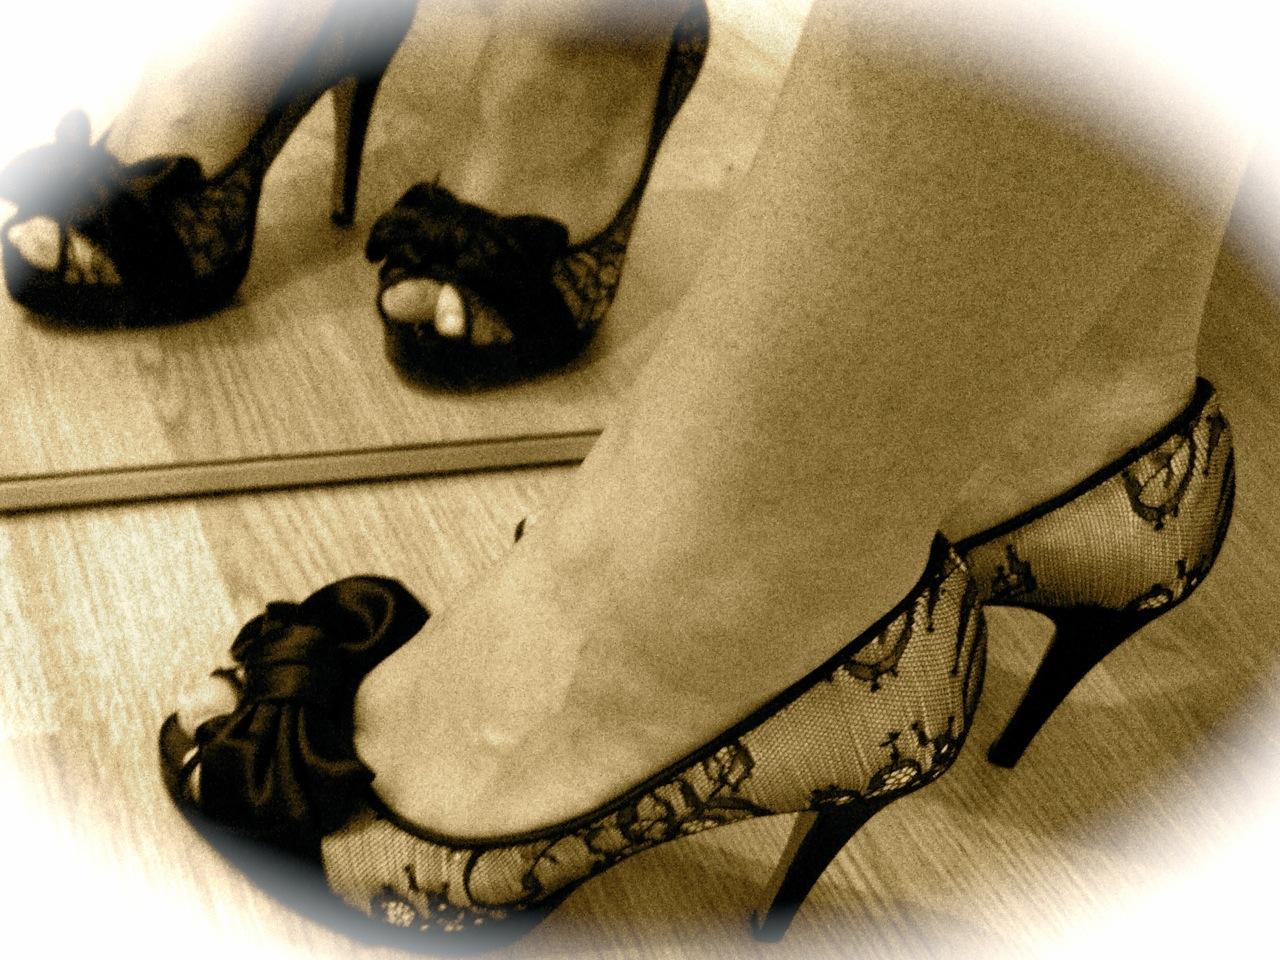 Sepia-Bild mit Frauenfüßen in High Heel Peeptoes